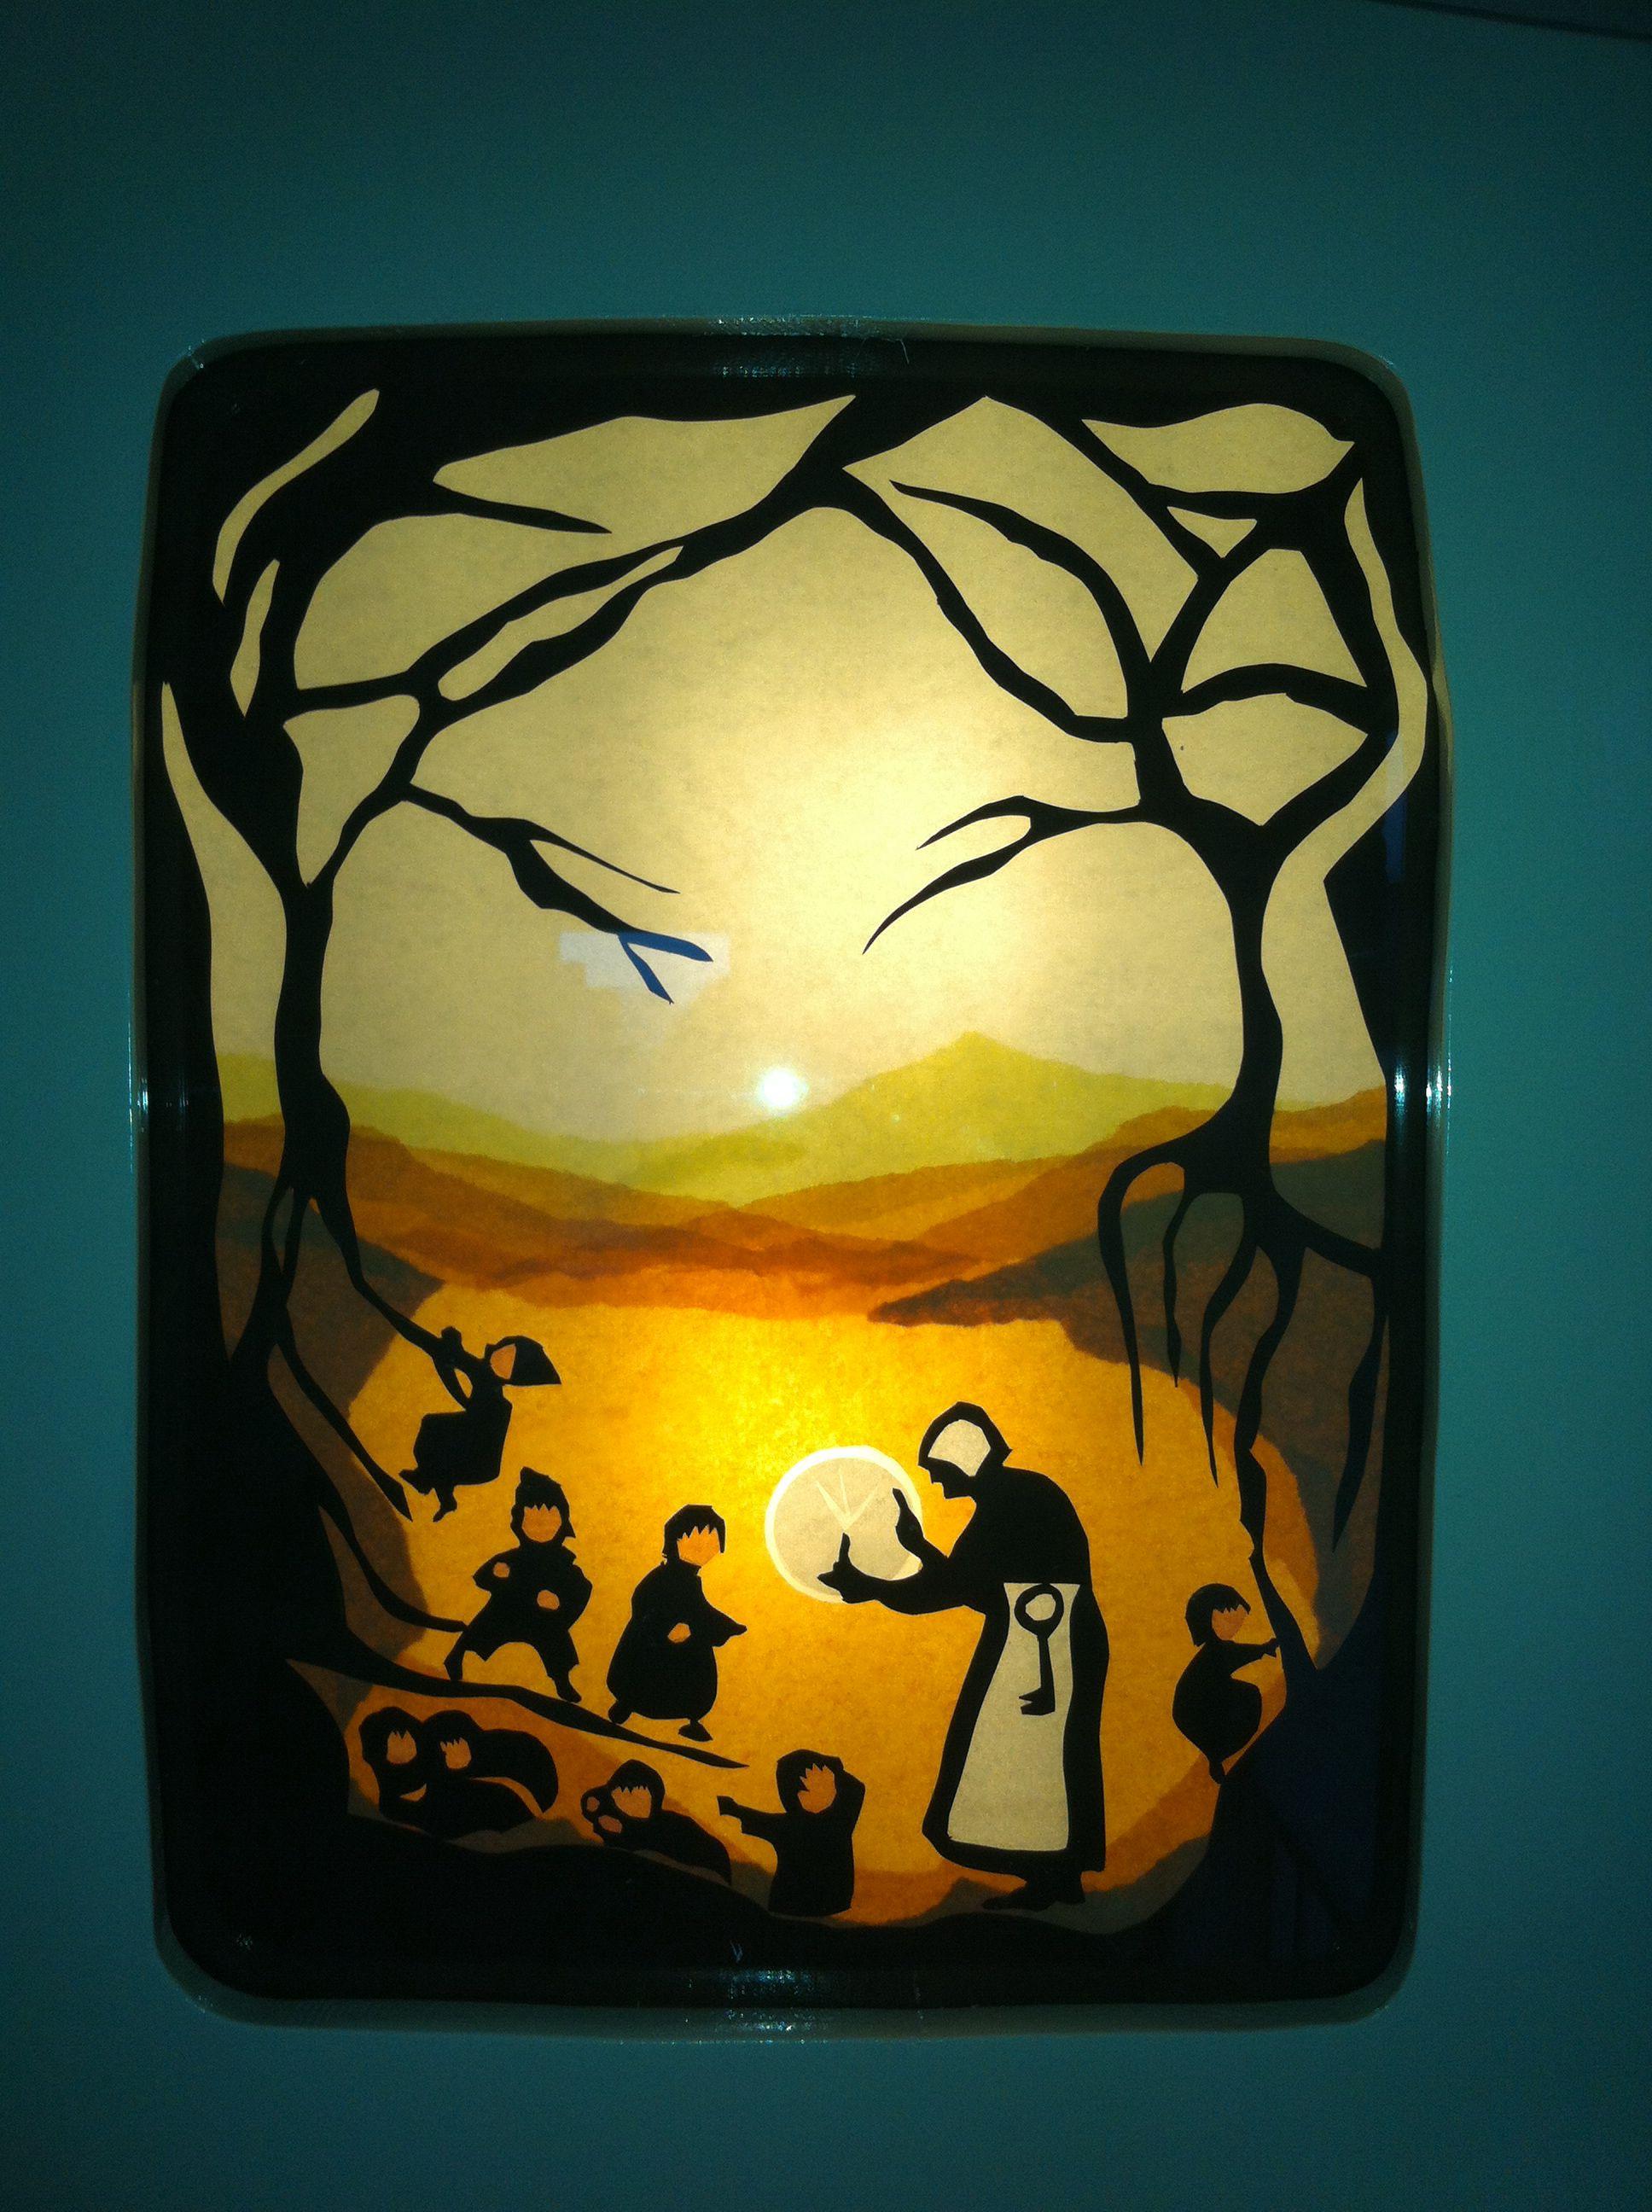 Transparant Moeder Aarde en de wortelkinderen in mijn mooie lamp.@mijnhartje45